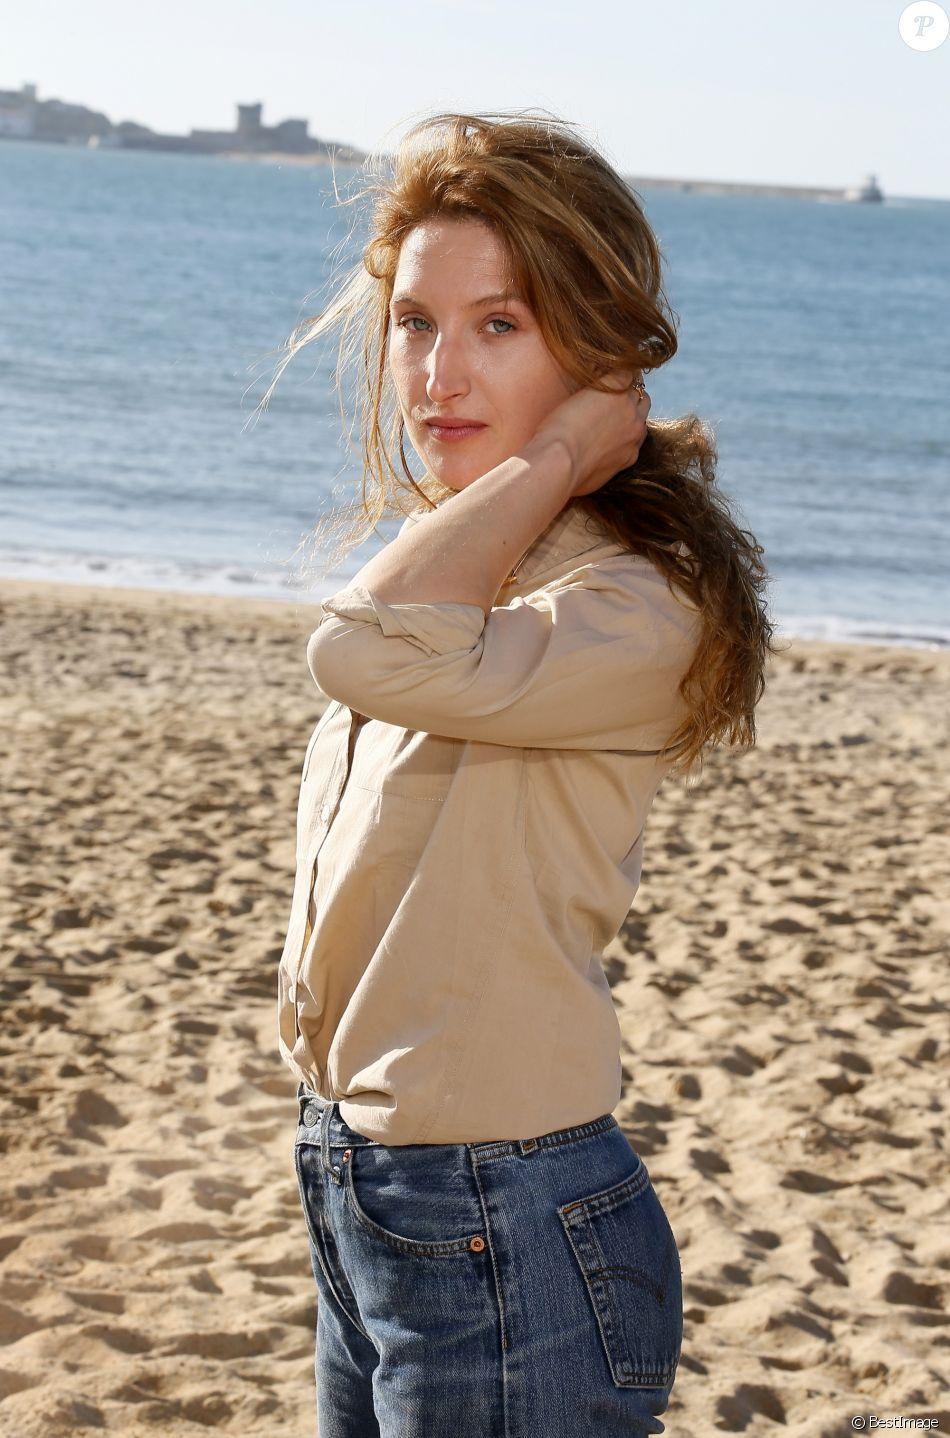 Julia Piaton (fille de Charlotte de Turckheim), participe à la 2ème édition du Festival International du Film de Saint-Jean-de-Luz, le 9 octobre 2015.